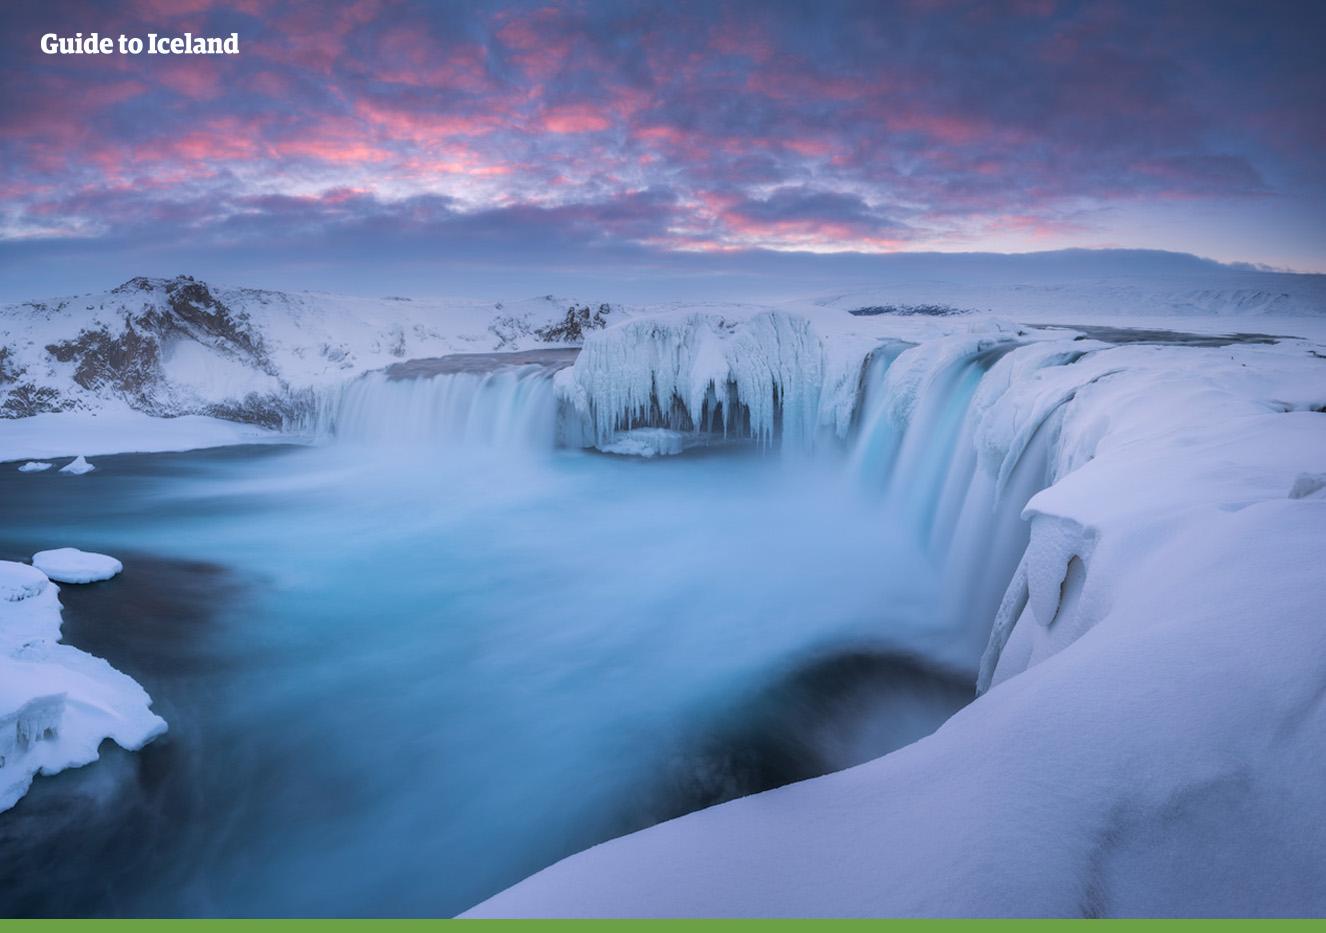 Двухнедельное зимнее путешествие вокруг Исландии - day 6